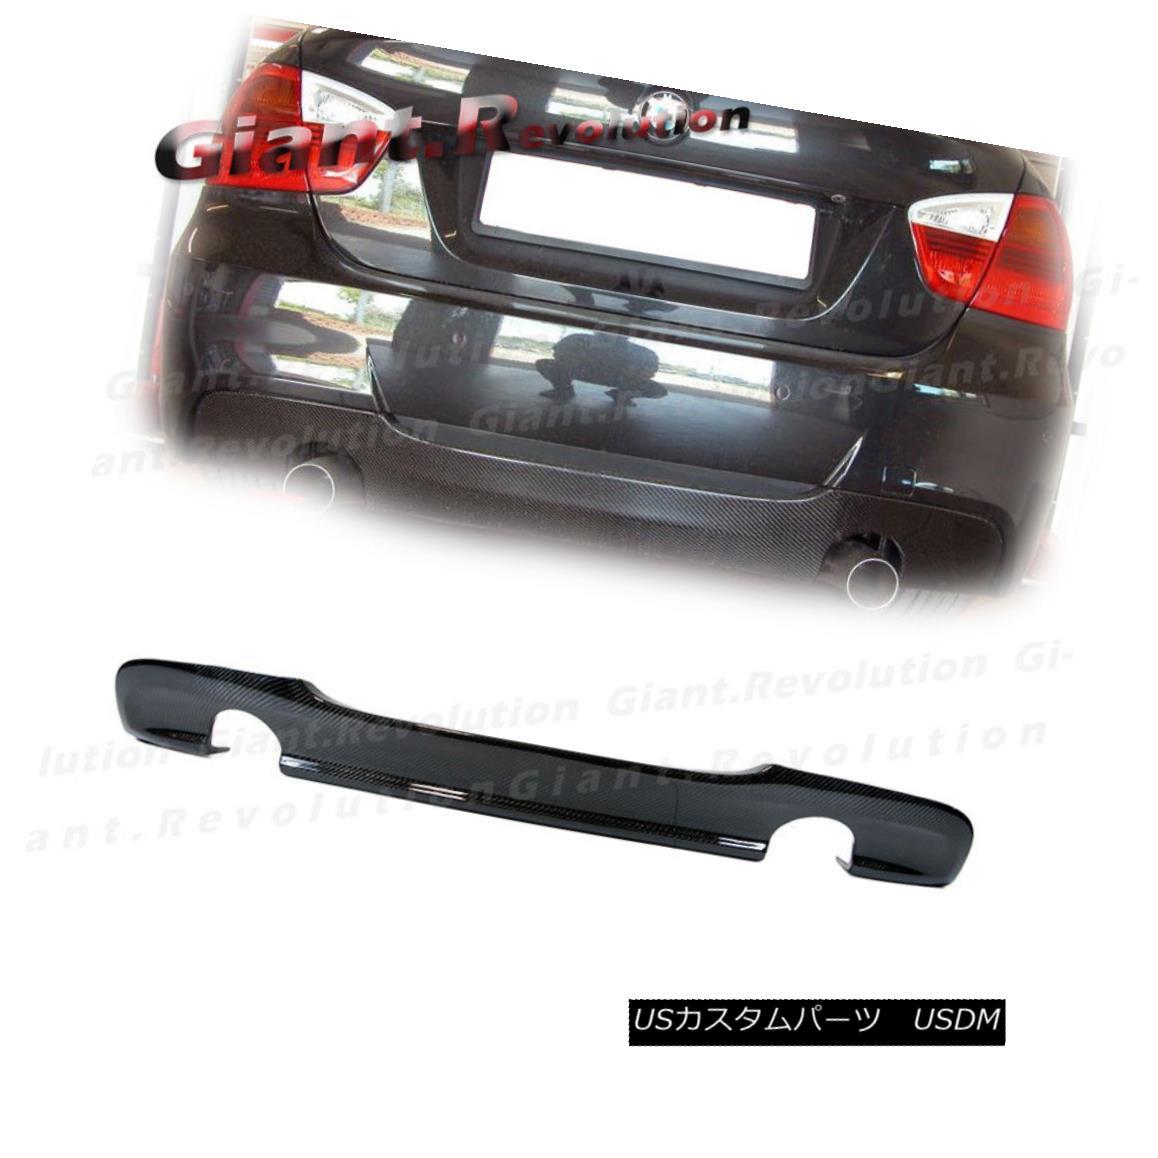 エアロパーツ For 06-11 E90 E91 Sedan Wagon Sporty Style Carbon Fiber Rear Bumper Diffuser Lip 06-11 E90セダンワゴンスポーティスタイルカーボンファイバーリアバンパーディフューザーリップ